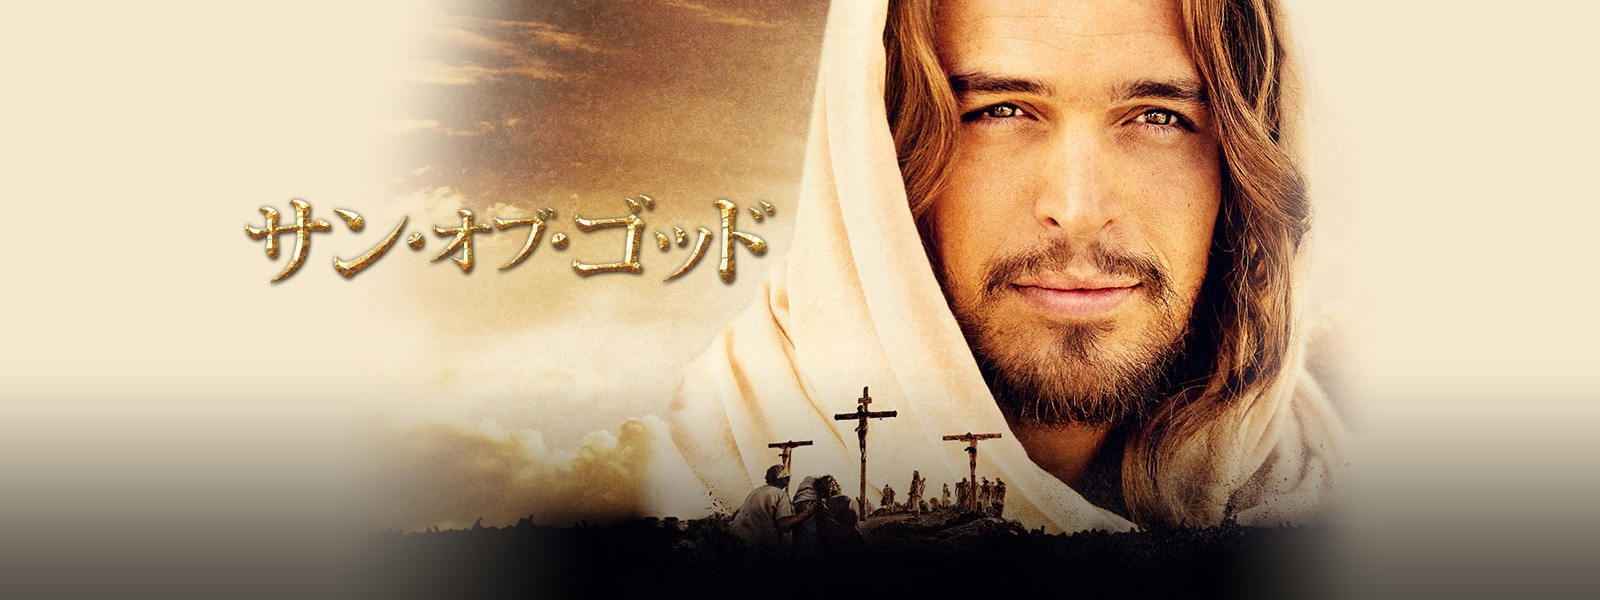 サン・オブ・ゴッド Son of God Hero Object